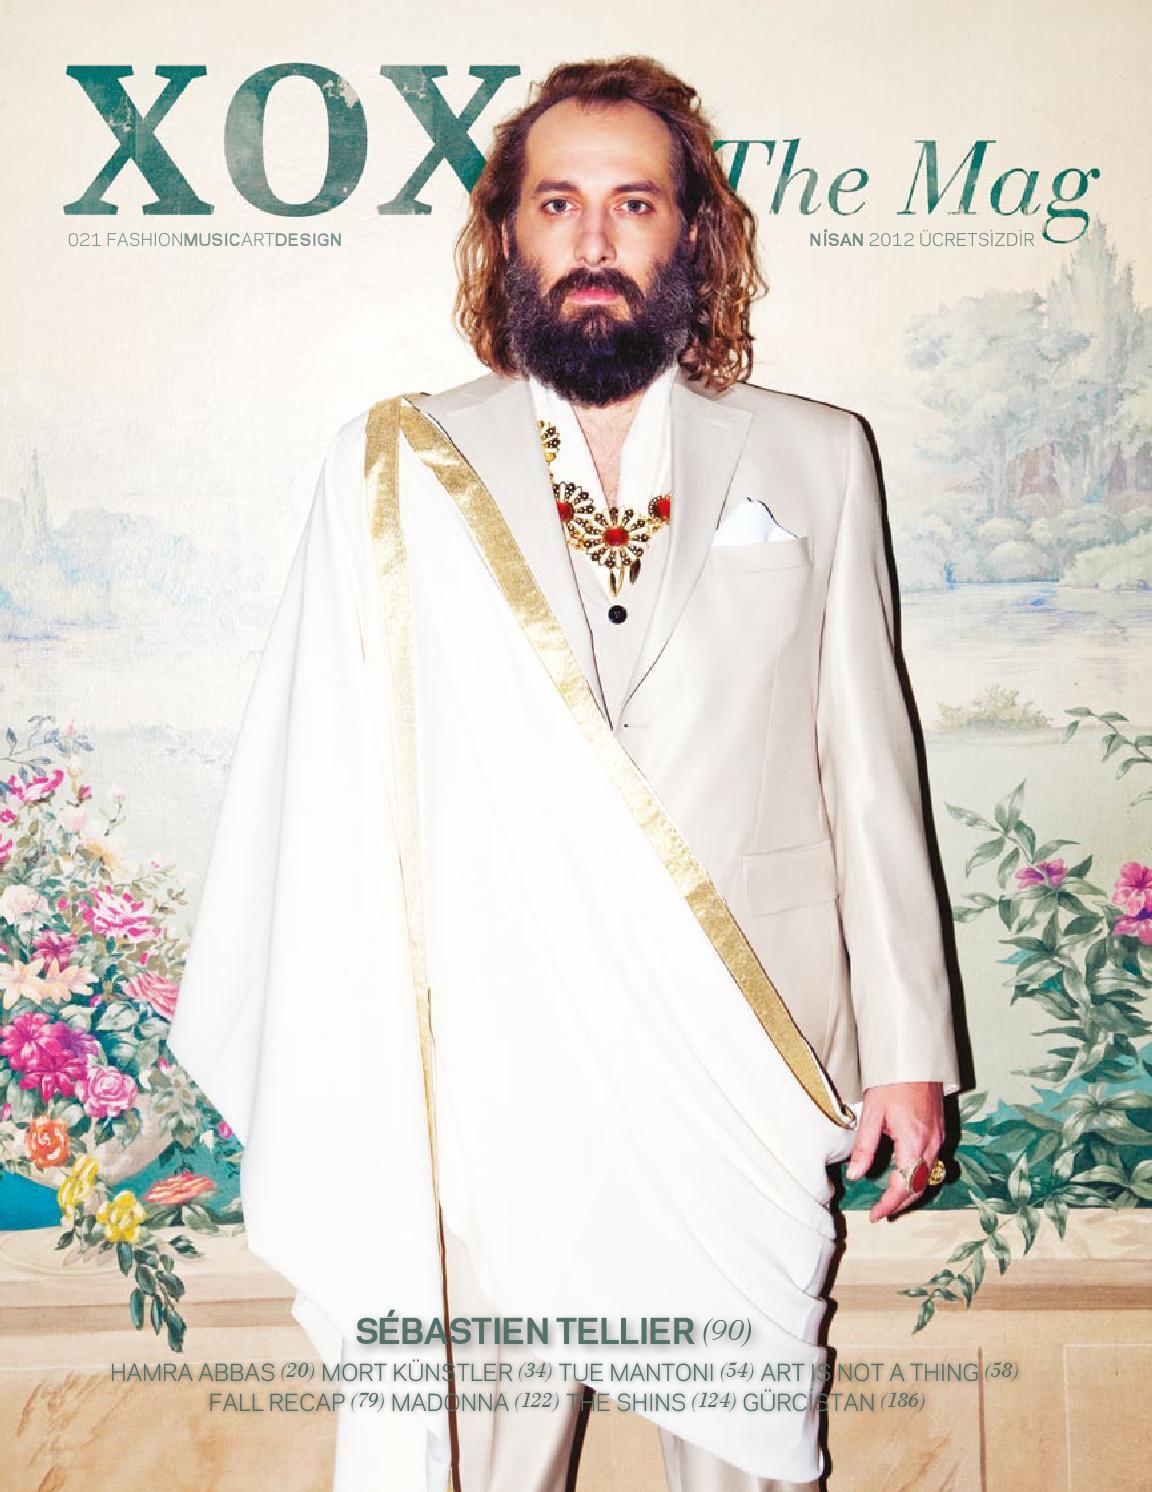 Michael Kors ünlü moda devi Versaceyi 2.1 milyar dolara satın alacak 2